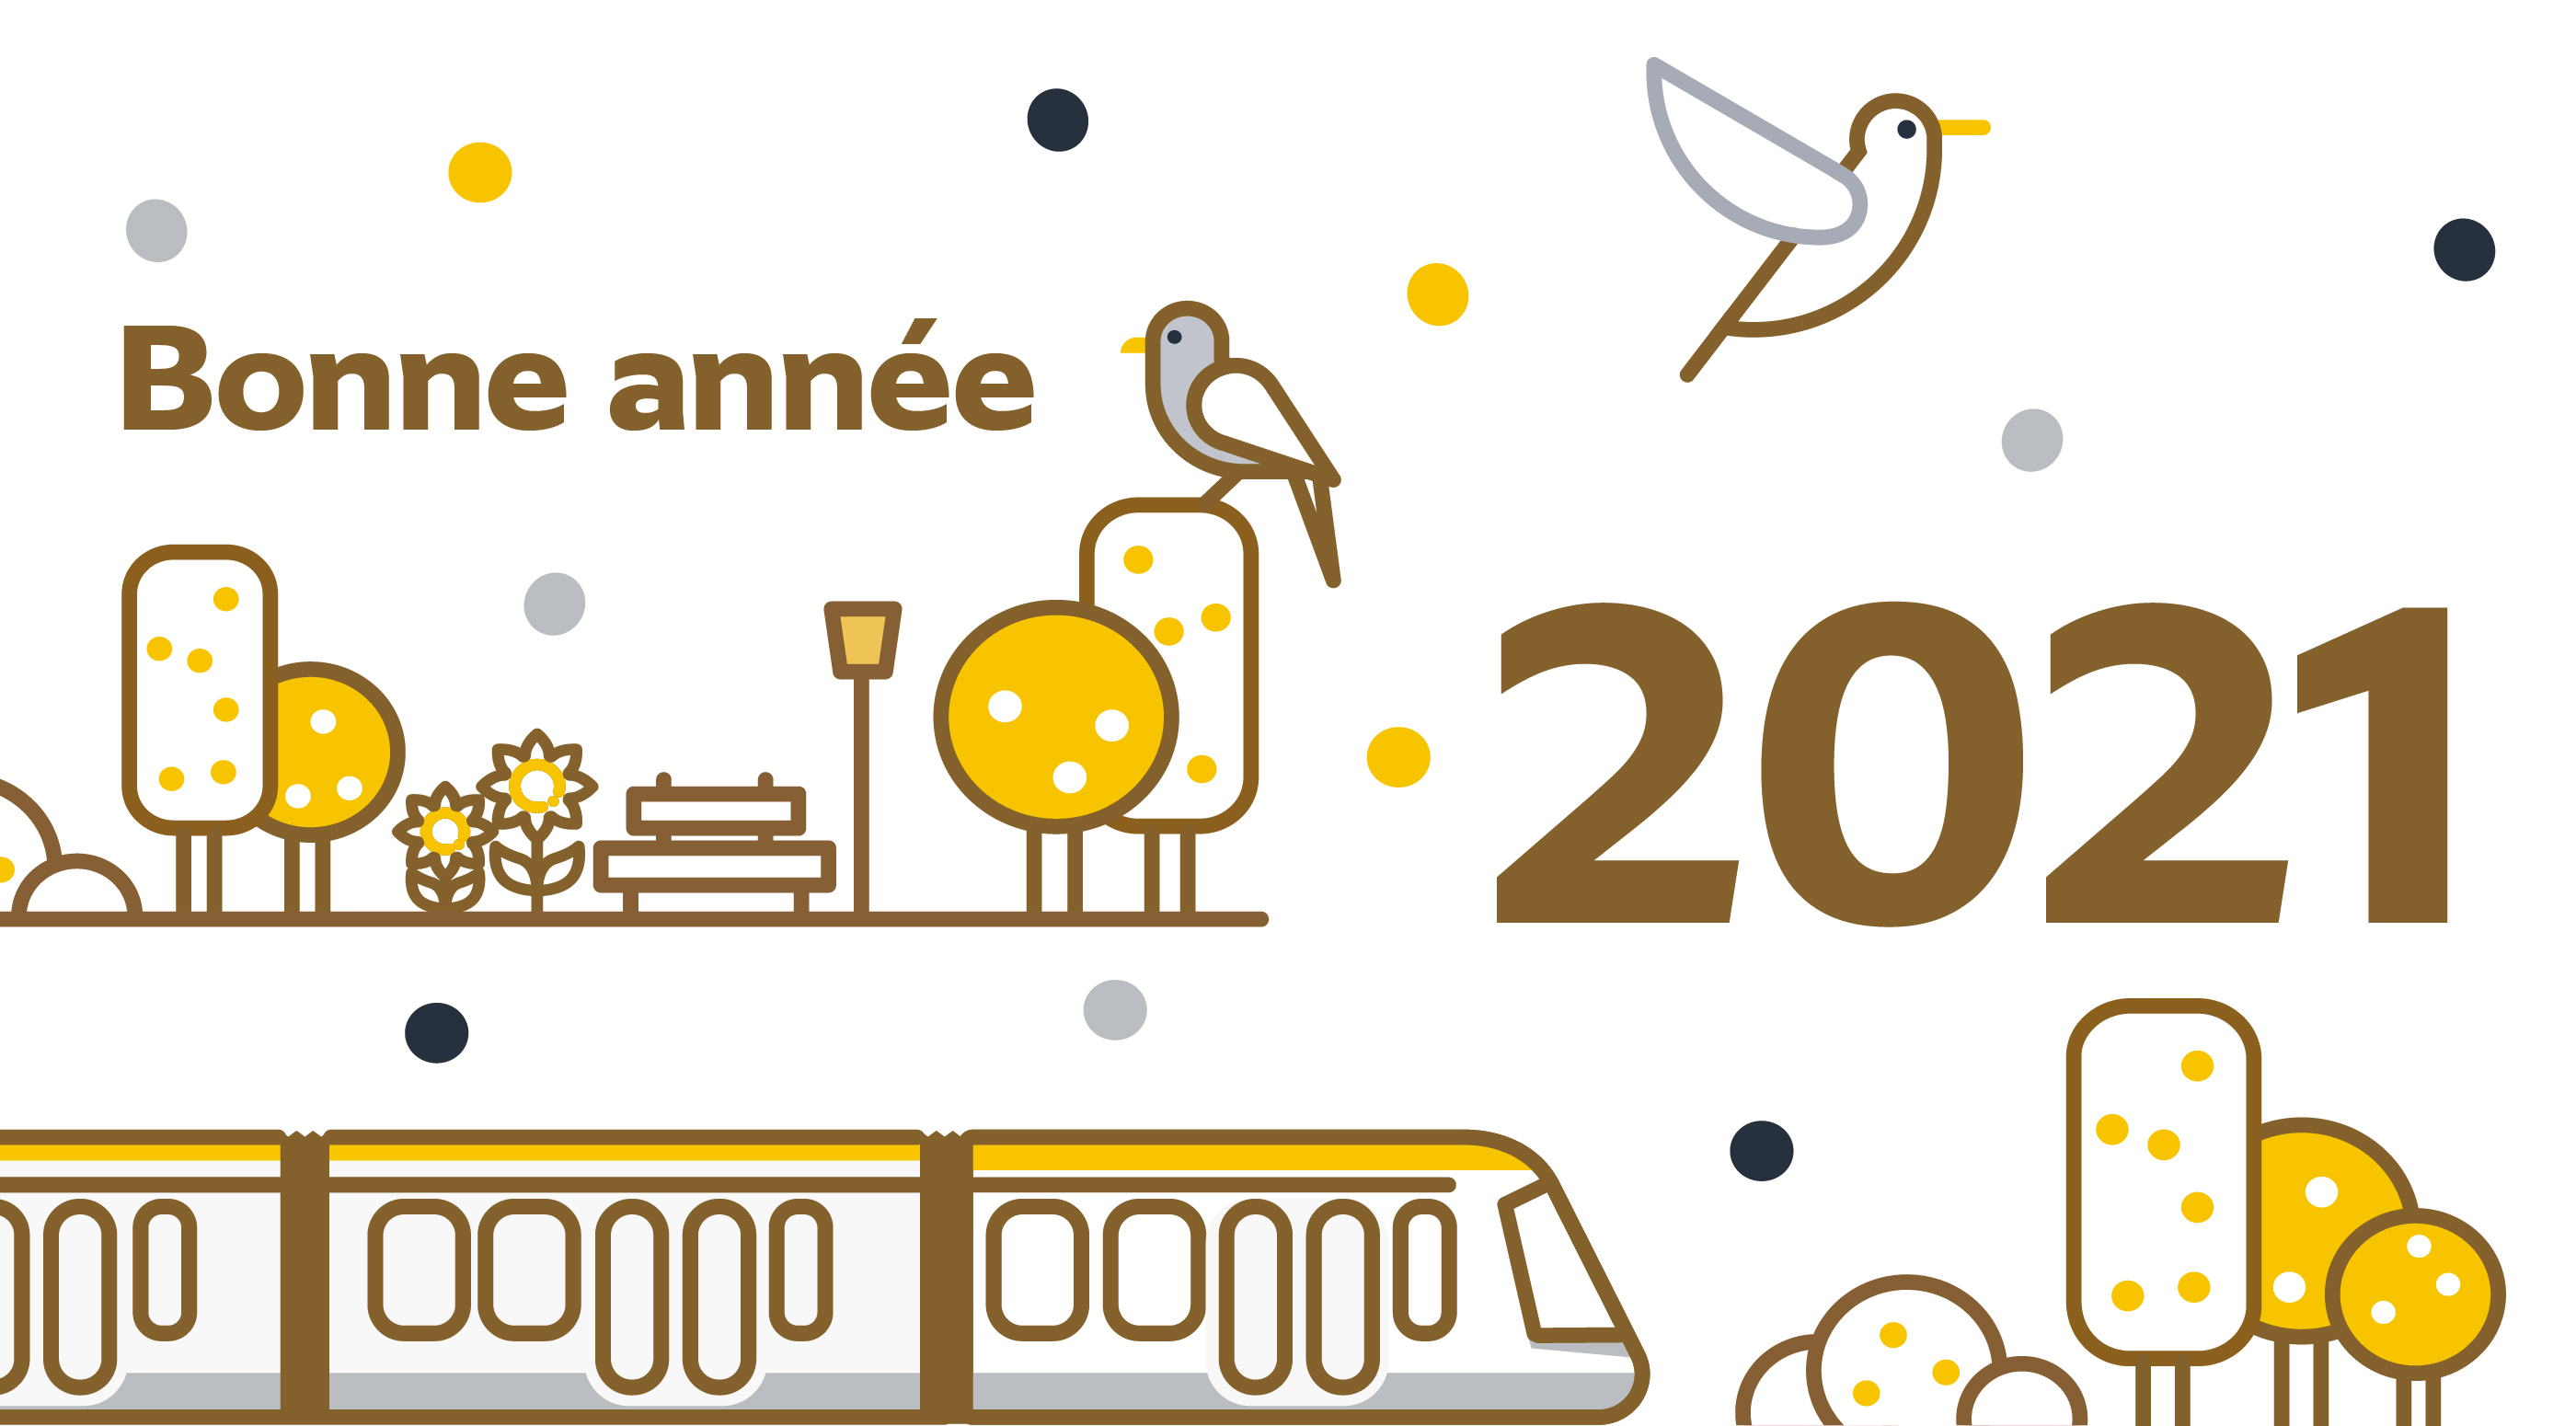 L'équipe du tram T13 vous souhaite une bonne année 2021